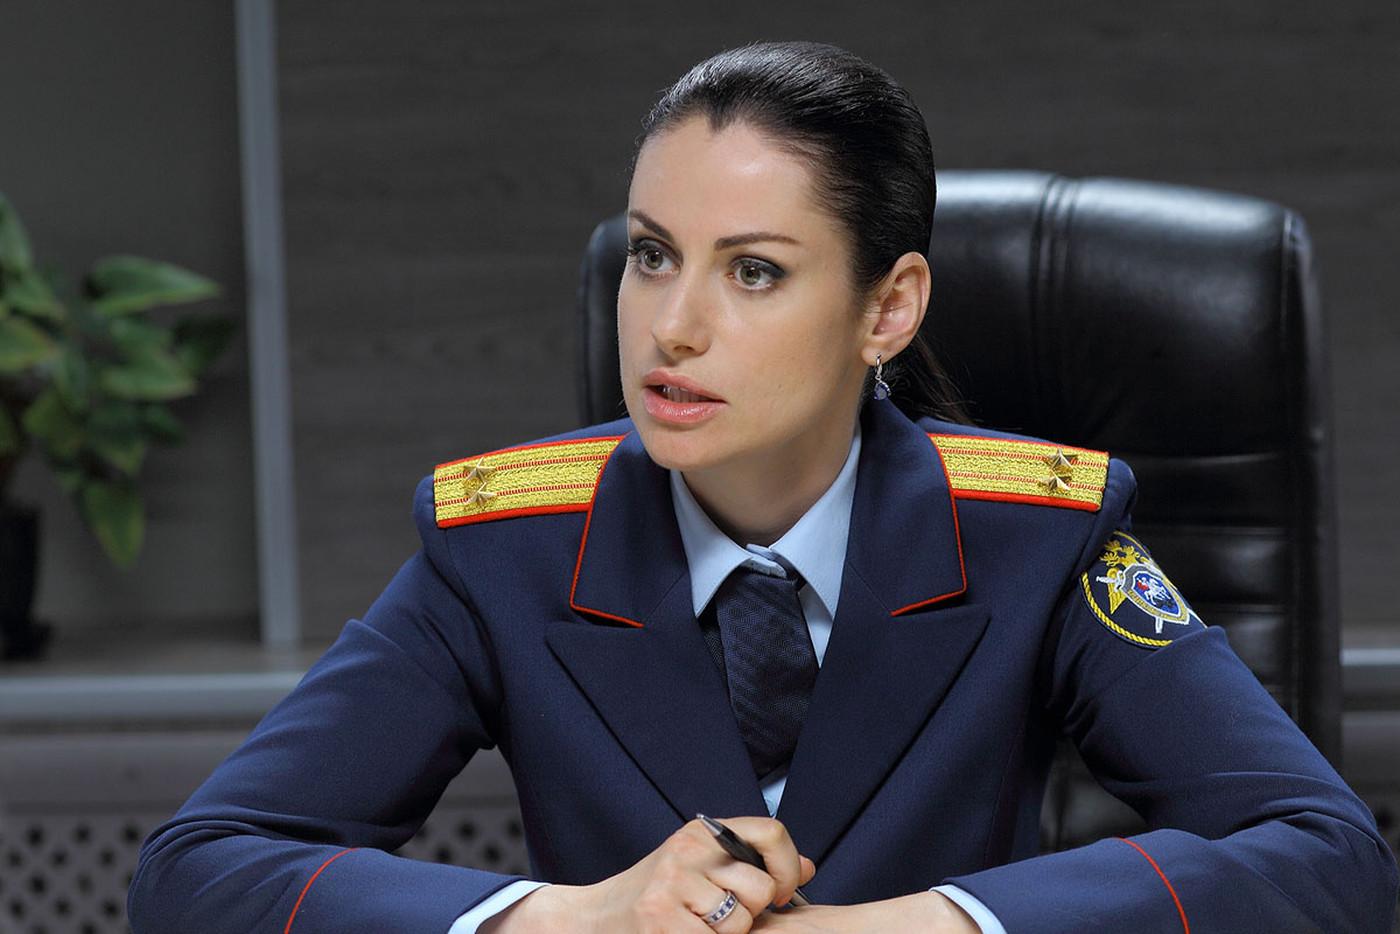 Анна Ковальчук – невероятный успех обаятельного «следователя»